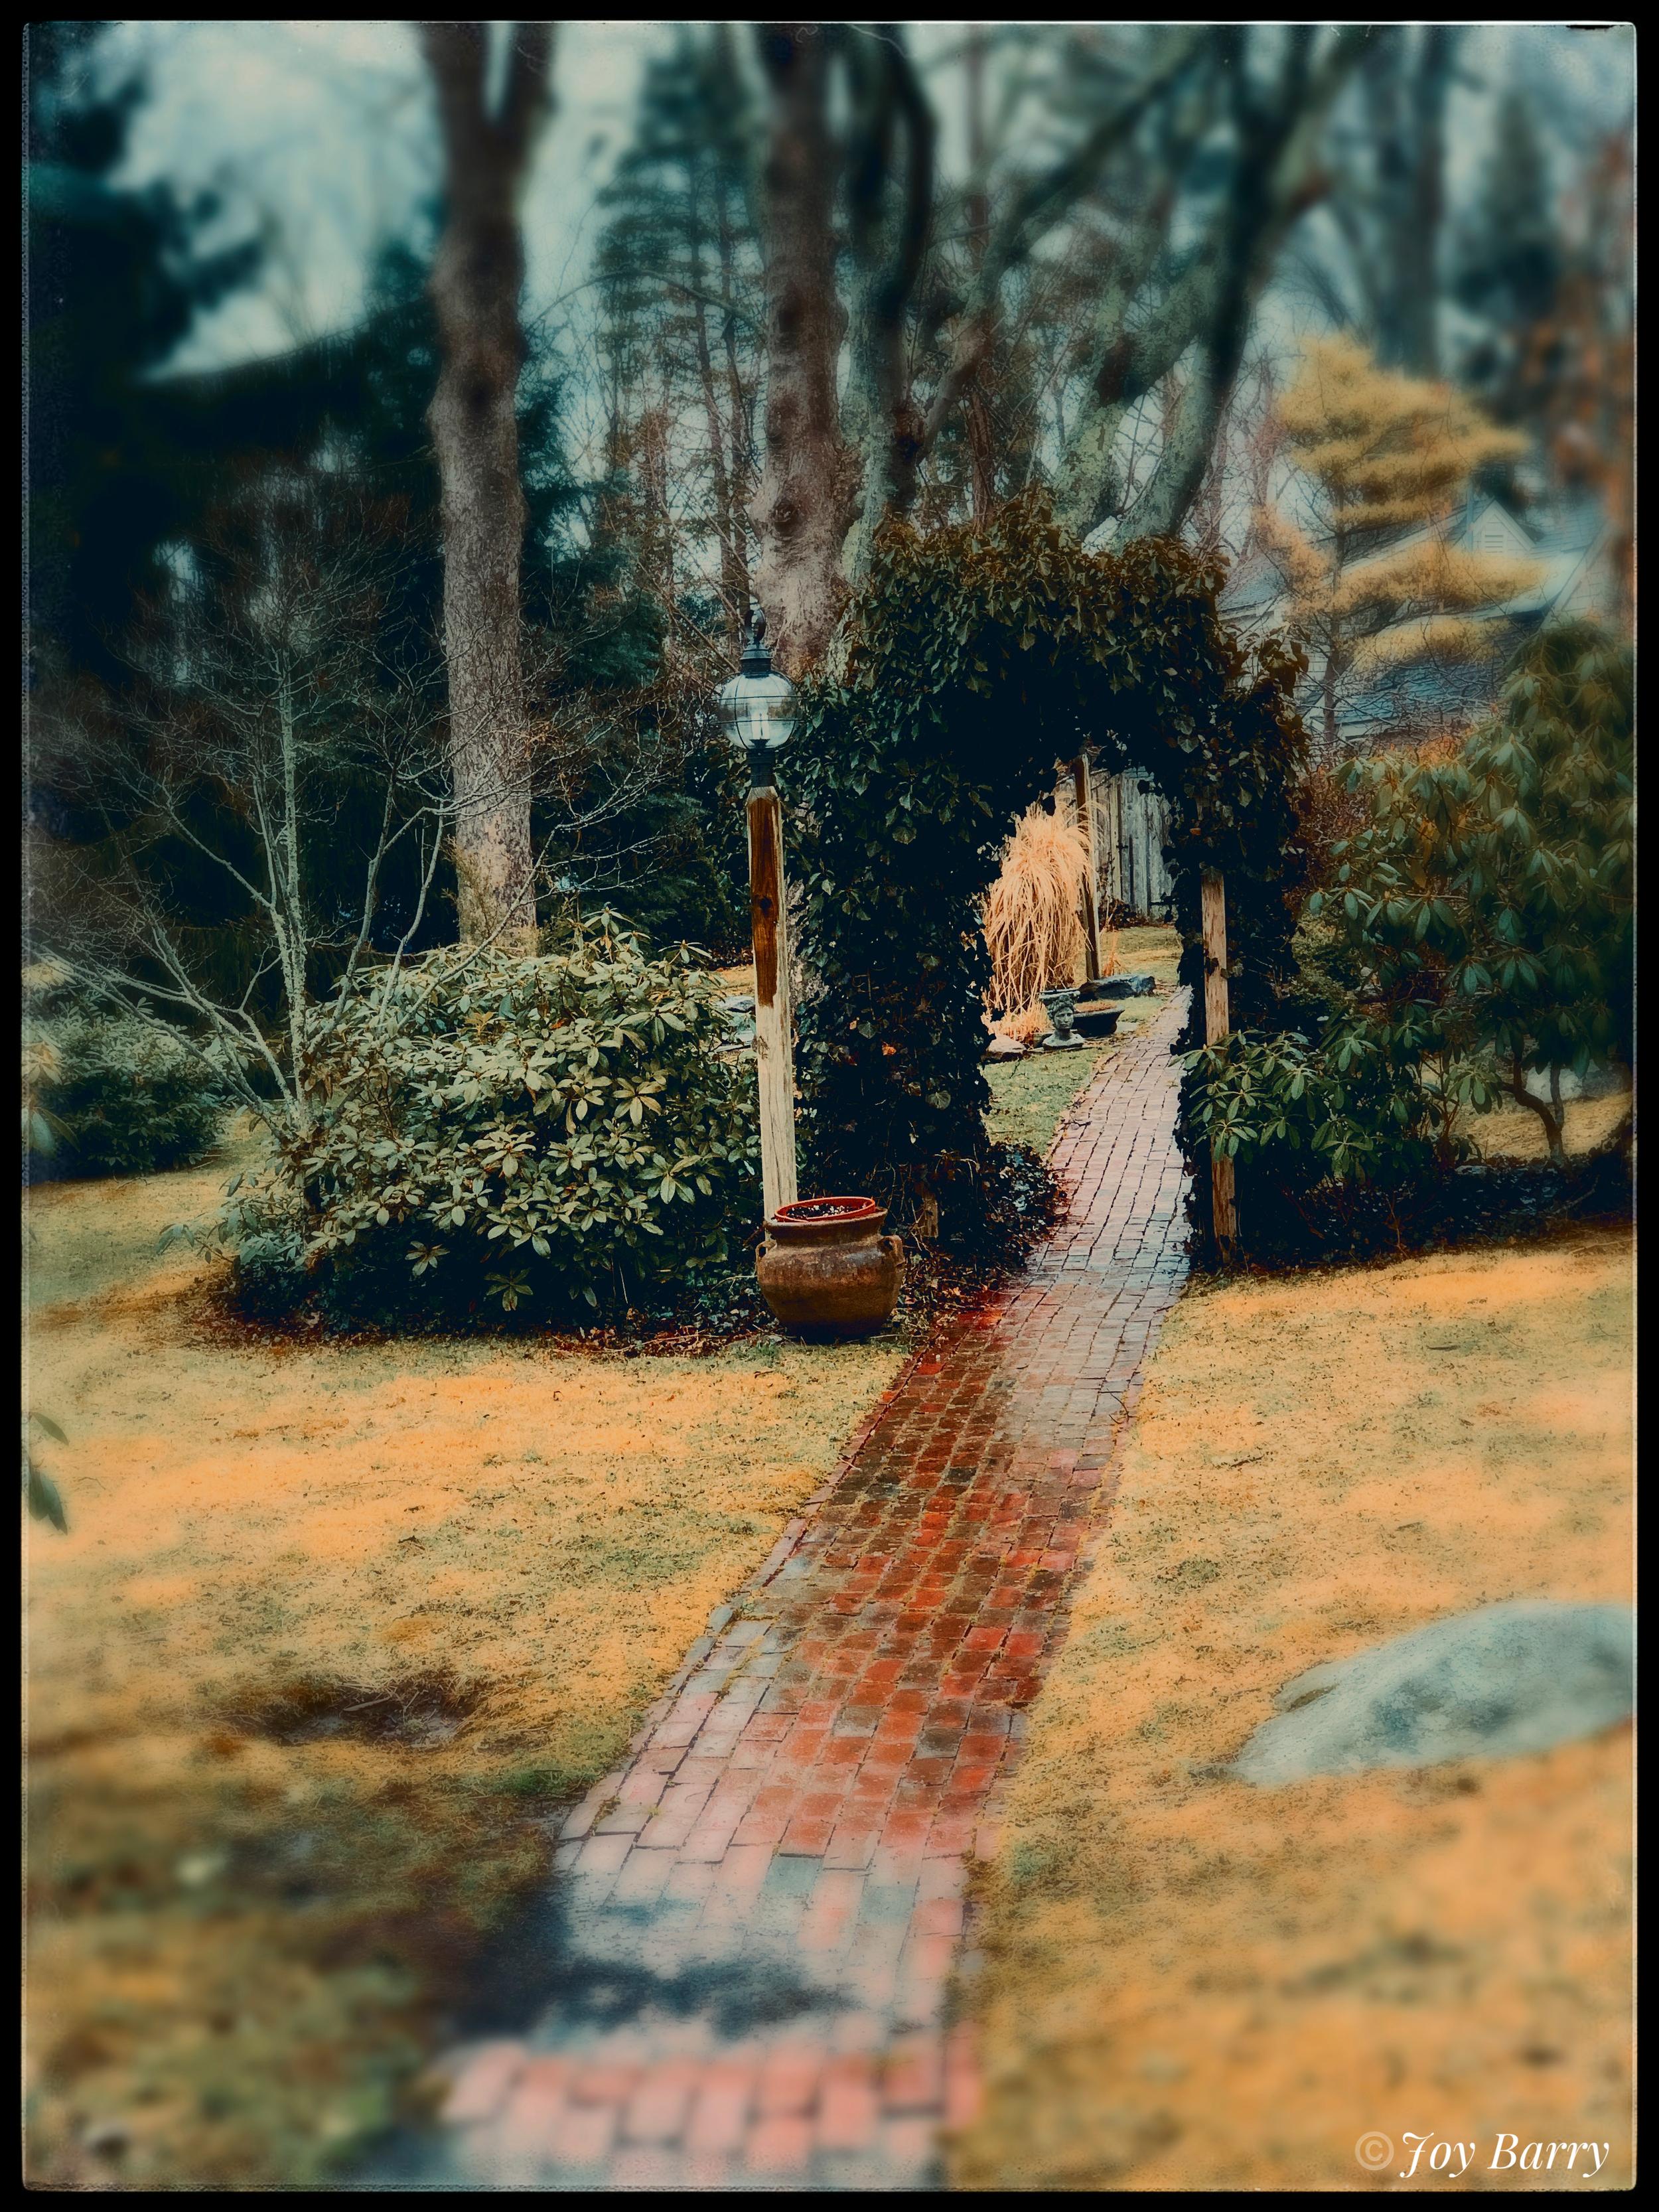 April 8, 2019 - Wandering wondering.